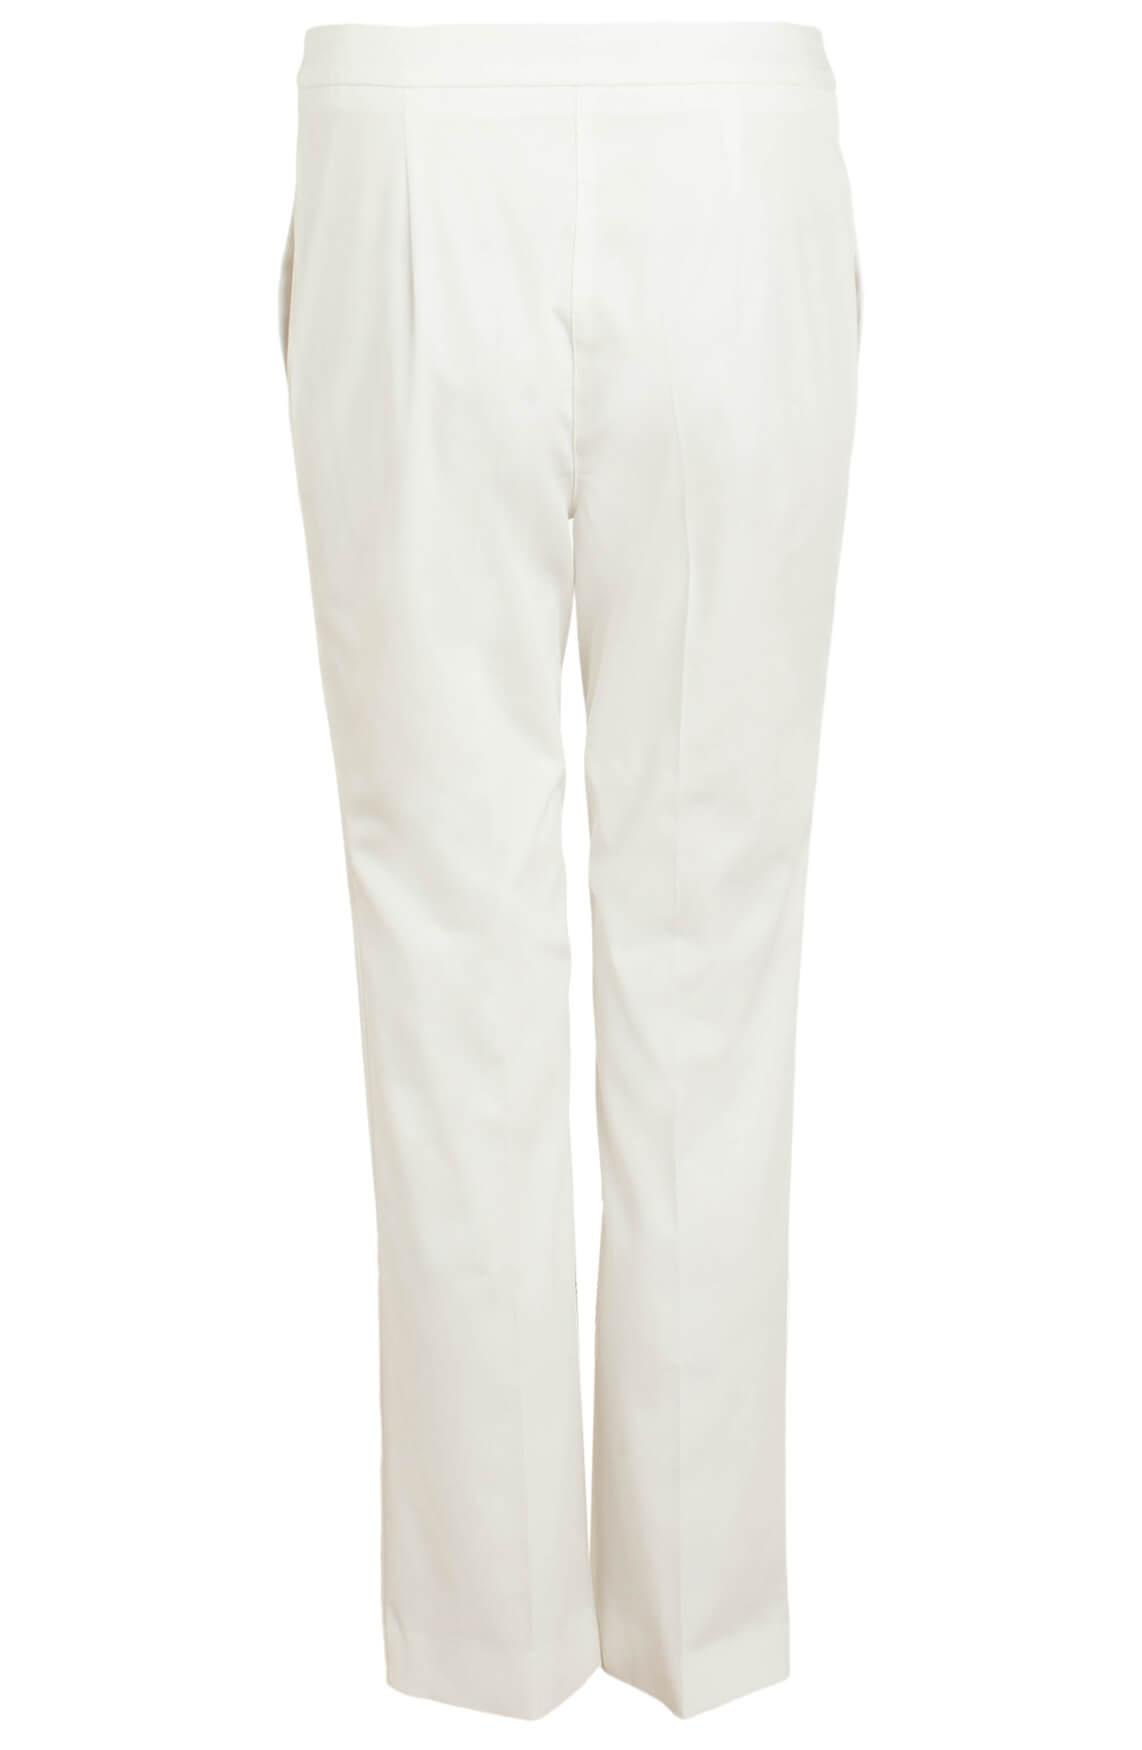 Marccain Dames 7/8 pantalon wit